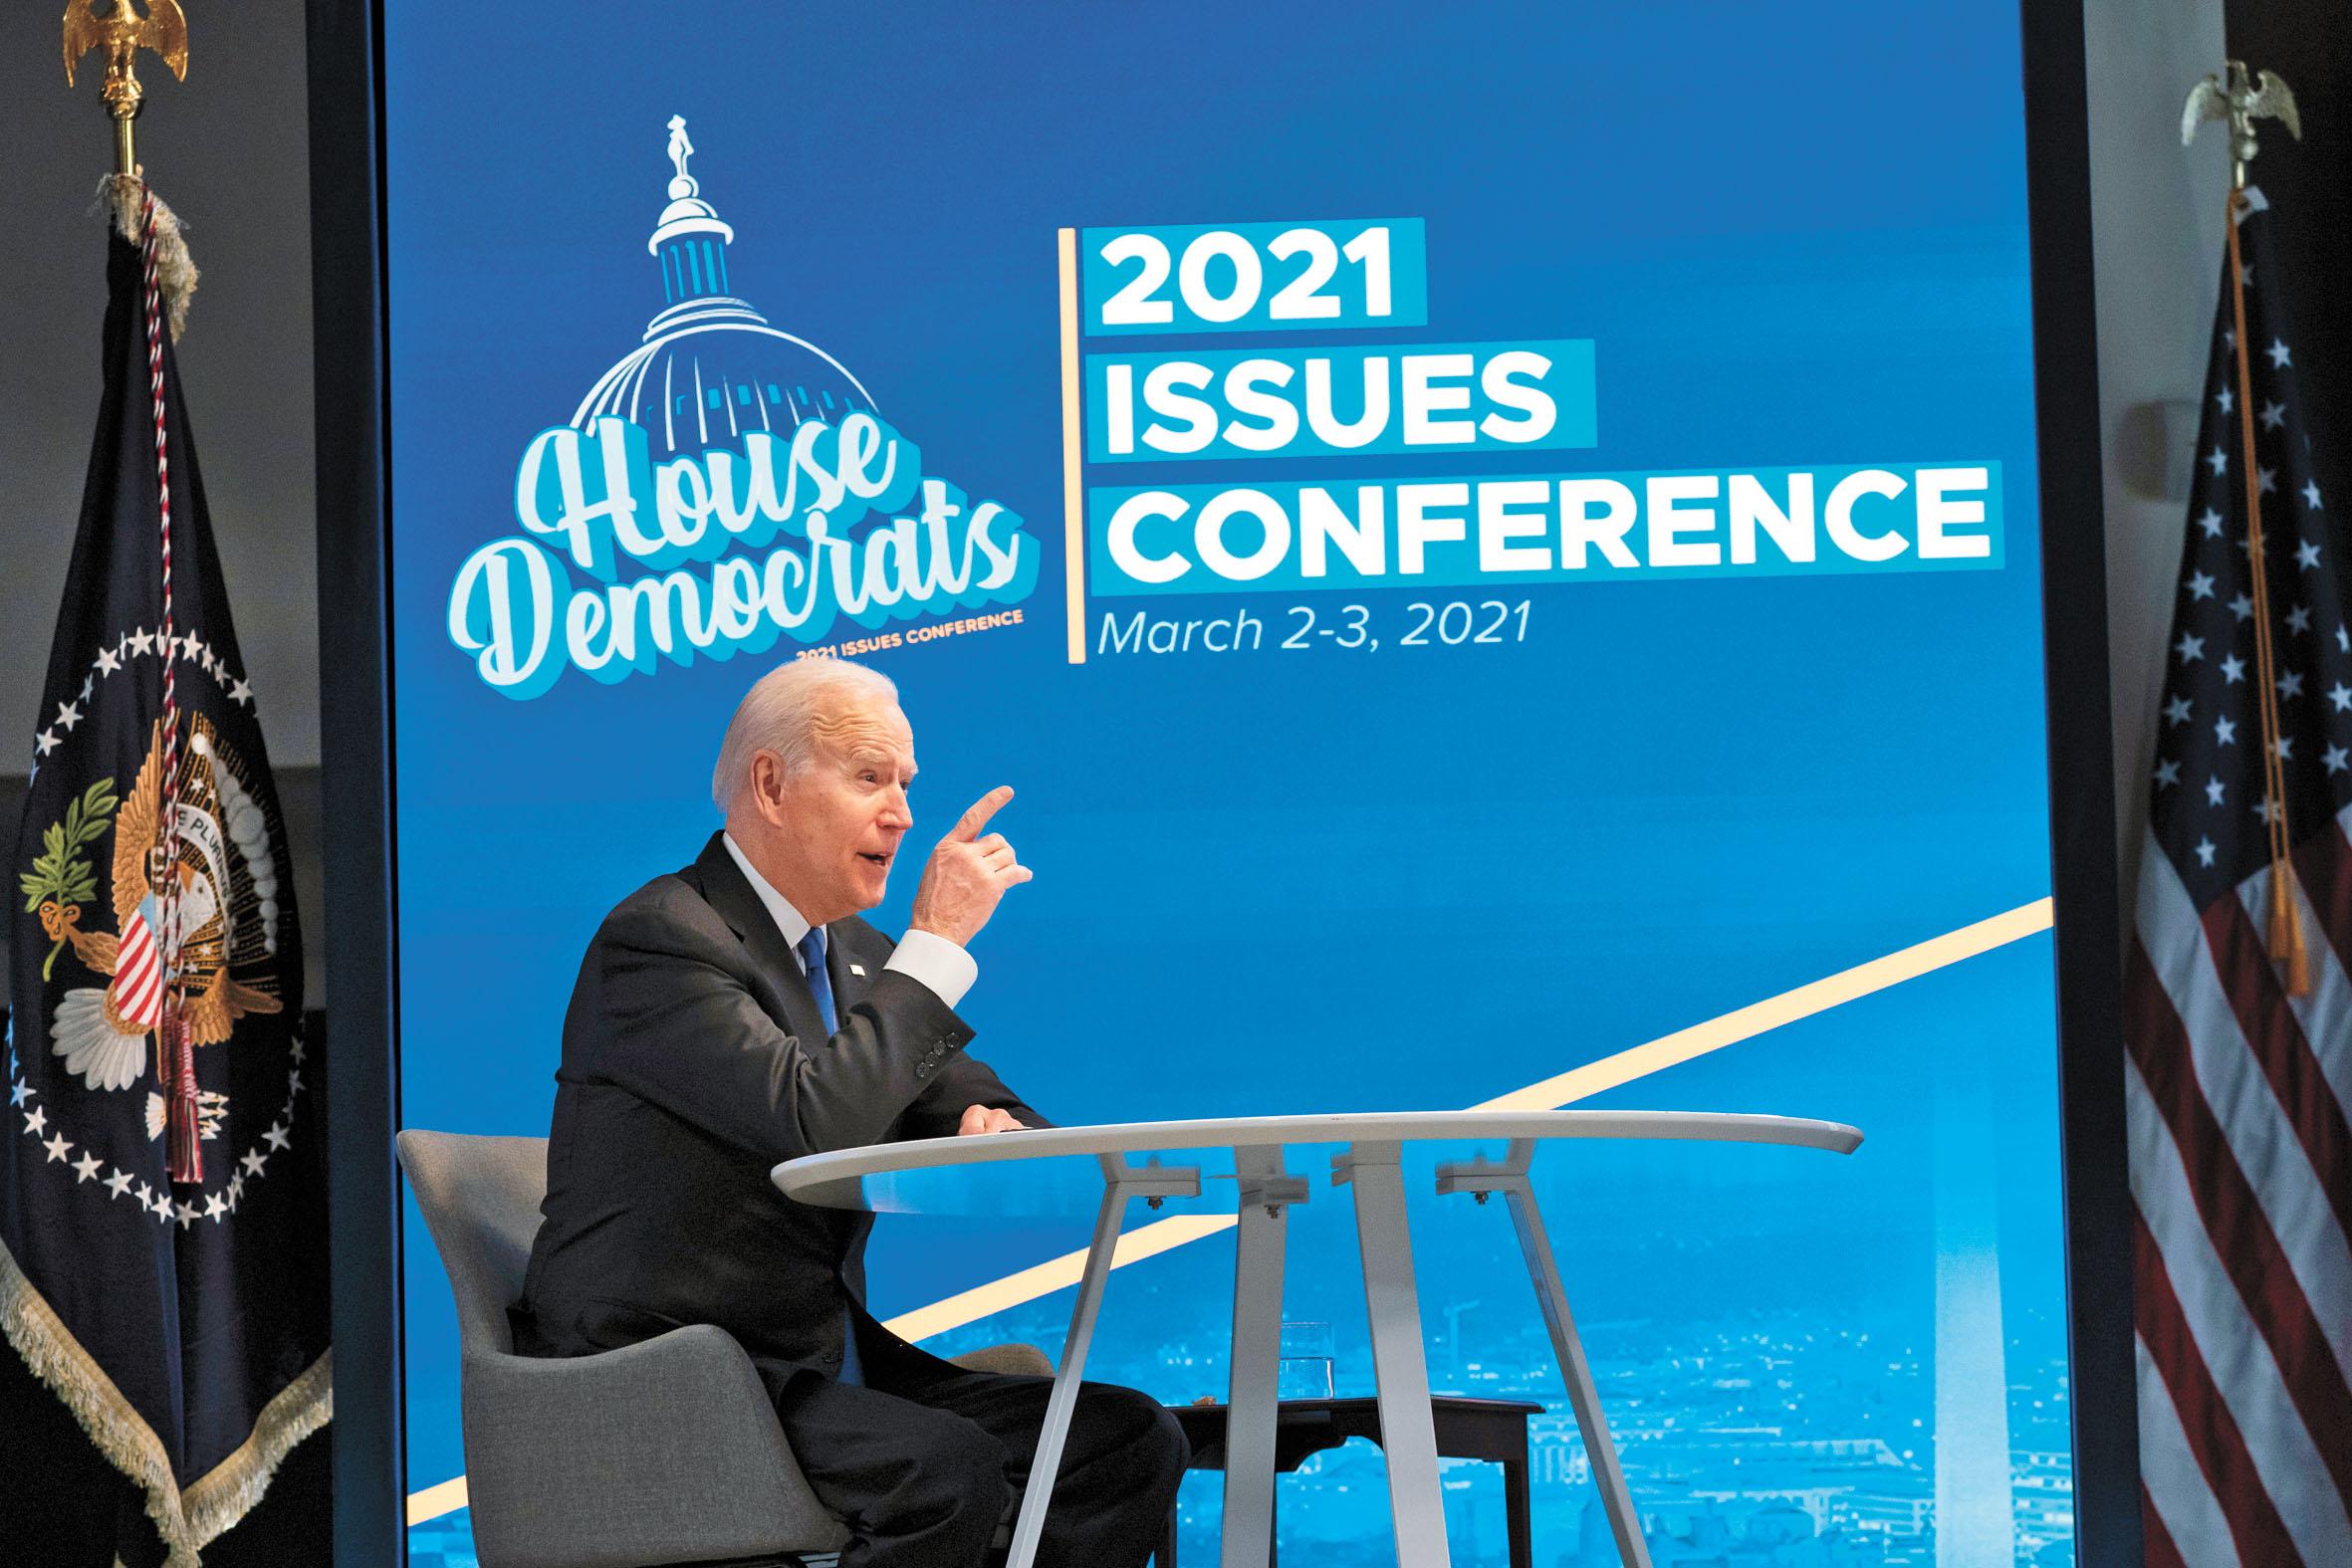 美國總統拜登3日在白宮與眾議院民主黨核心小組的視頻會議上發表講話。美聯社